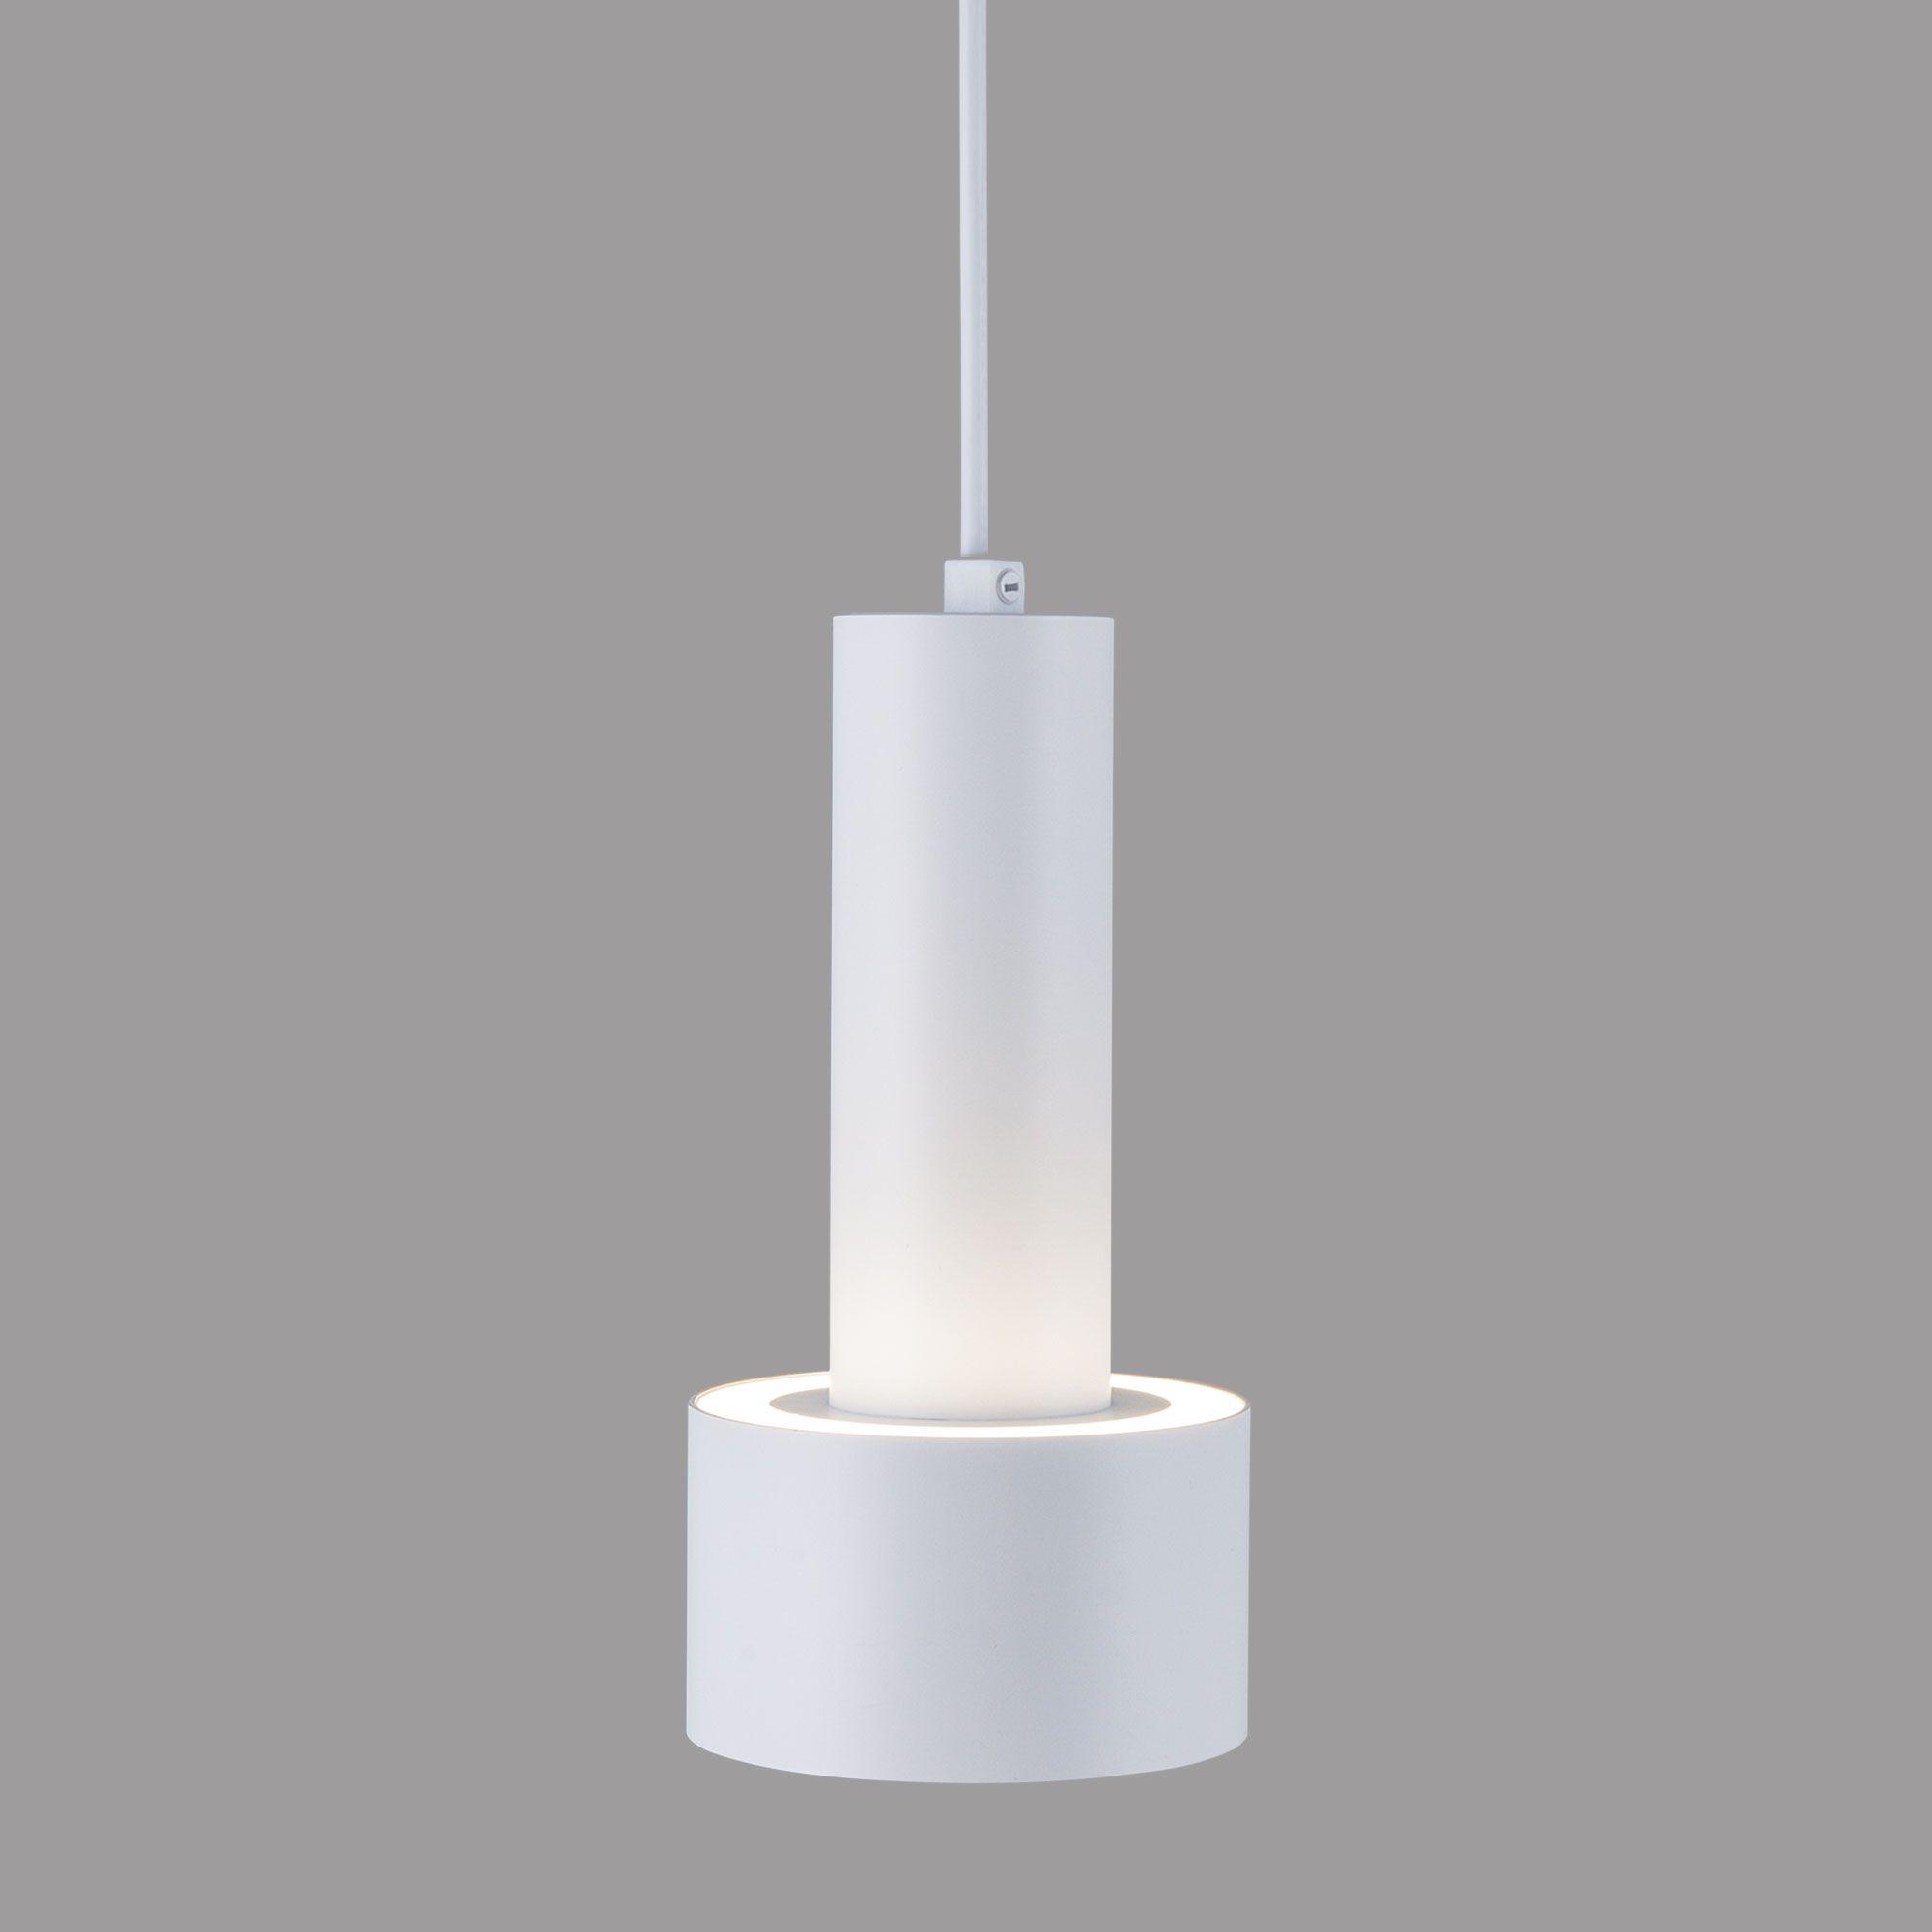 Накладной потолочный светодиодный светильник DLR033 белый